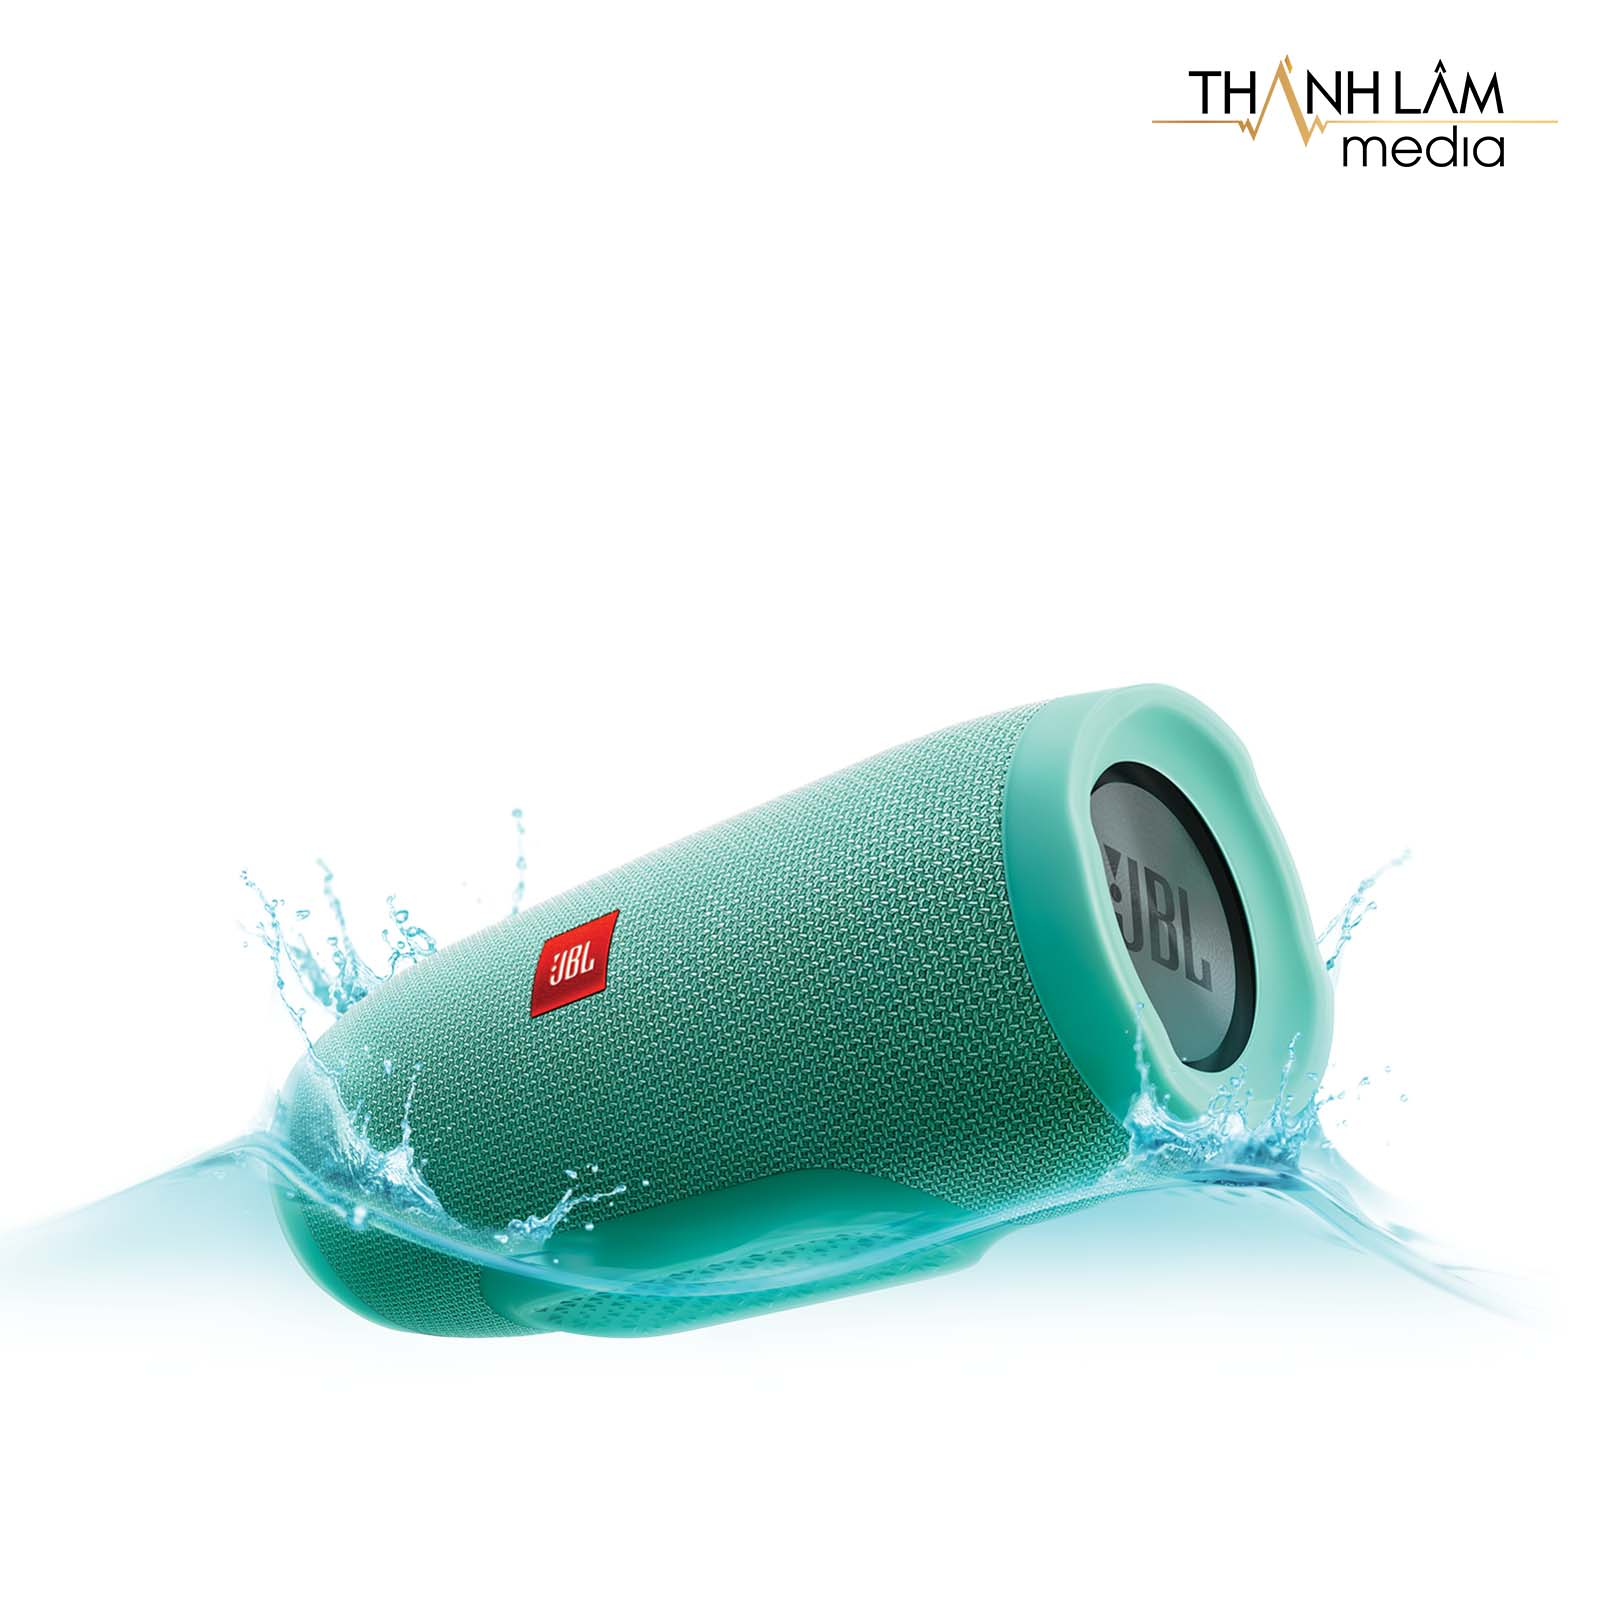 Loa-JBL-Charge-3-Xanh-Nhat-1